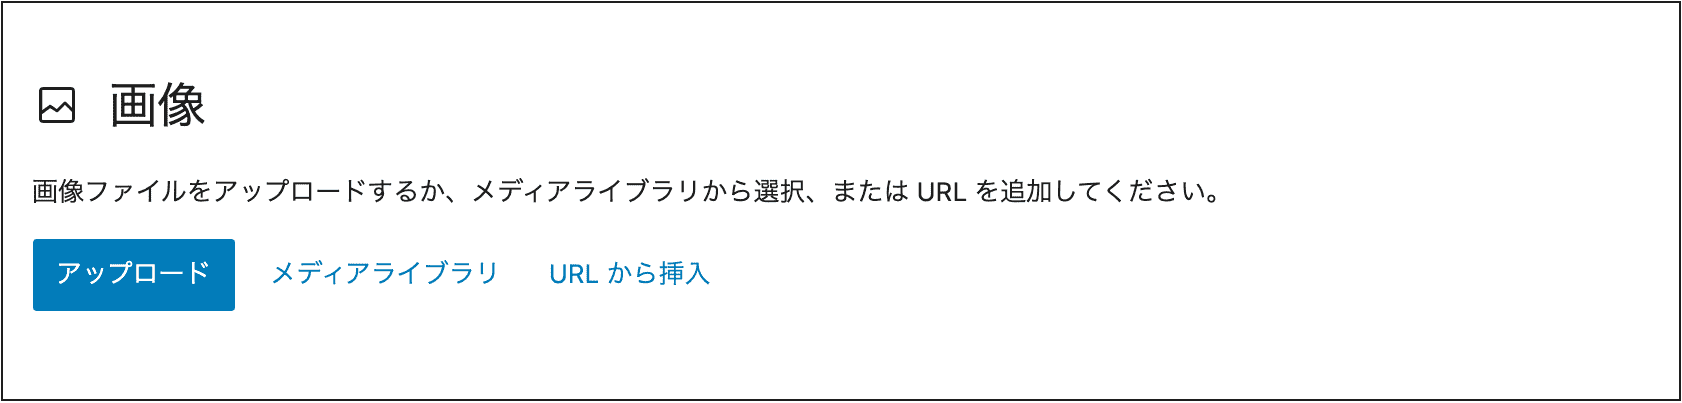 画像の挿入選択画面